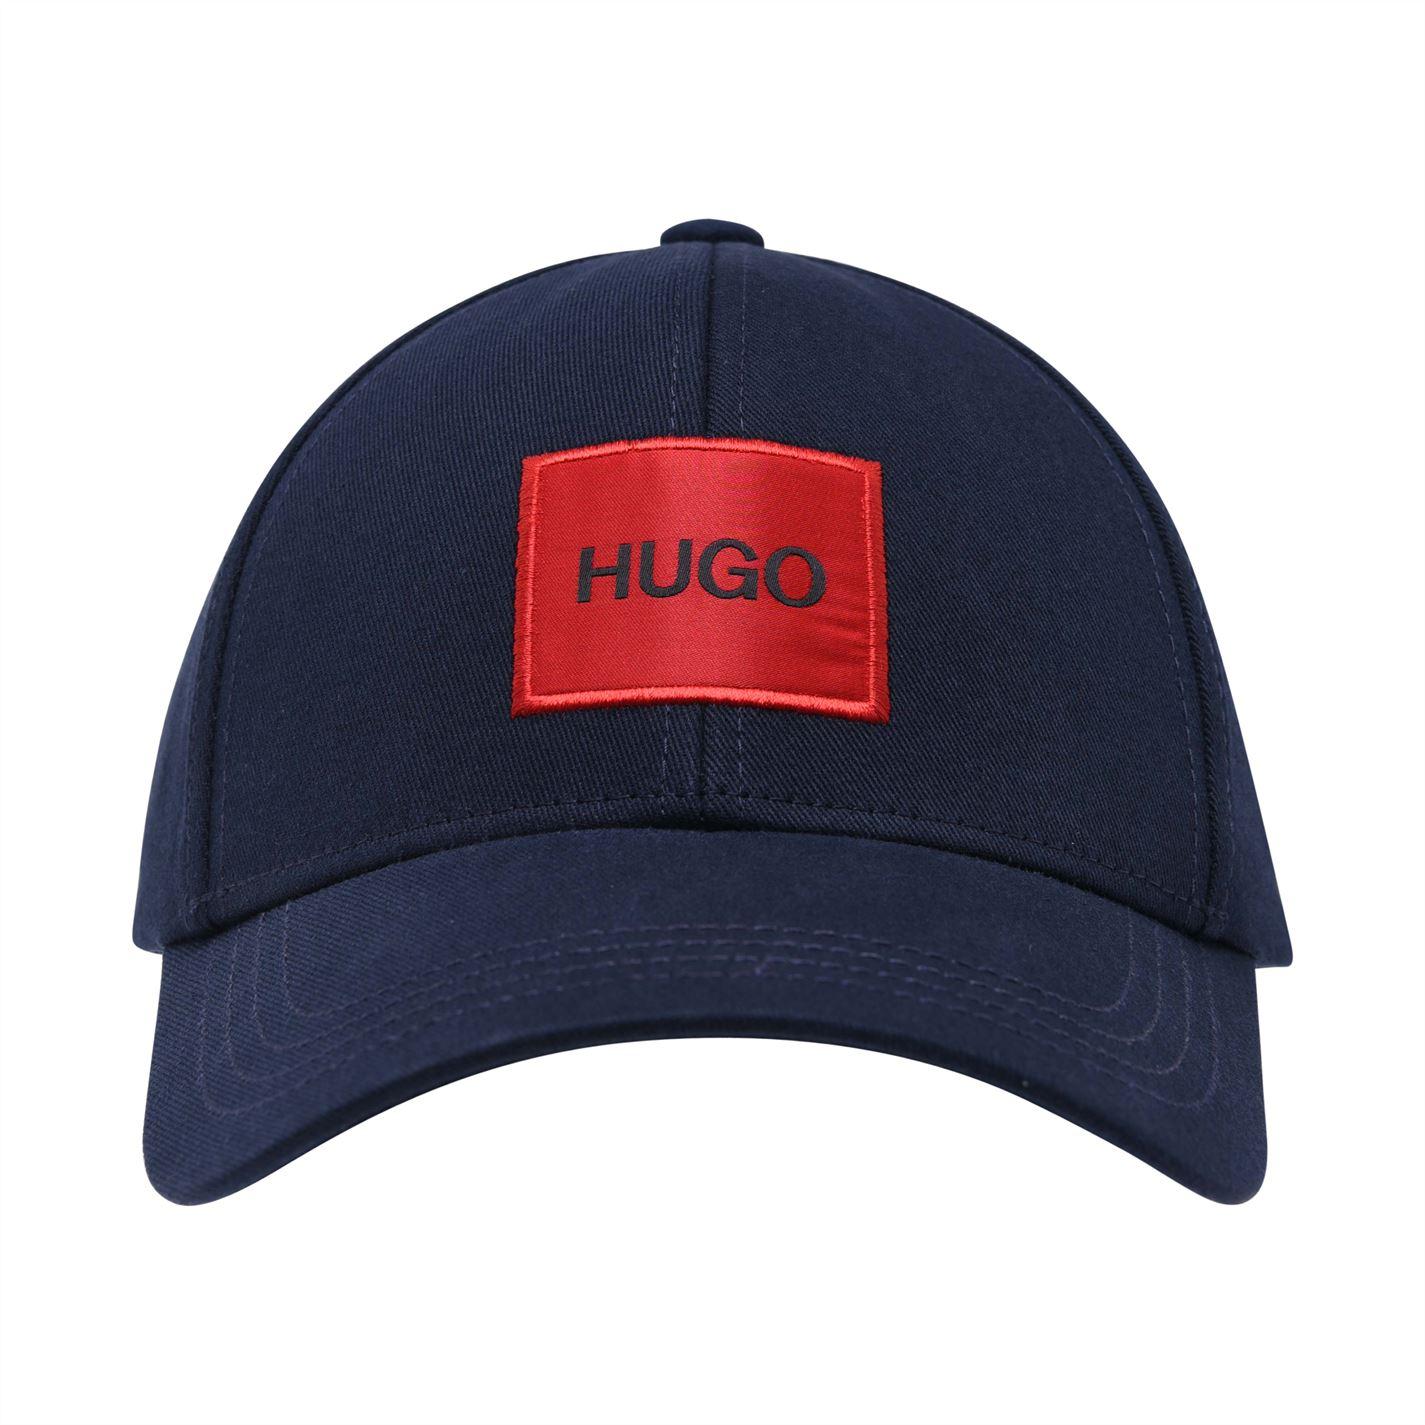 Mergi la Sepci Hugo MenX Patch pentru Barbati albastru